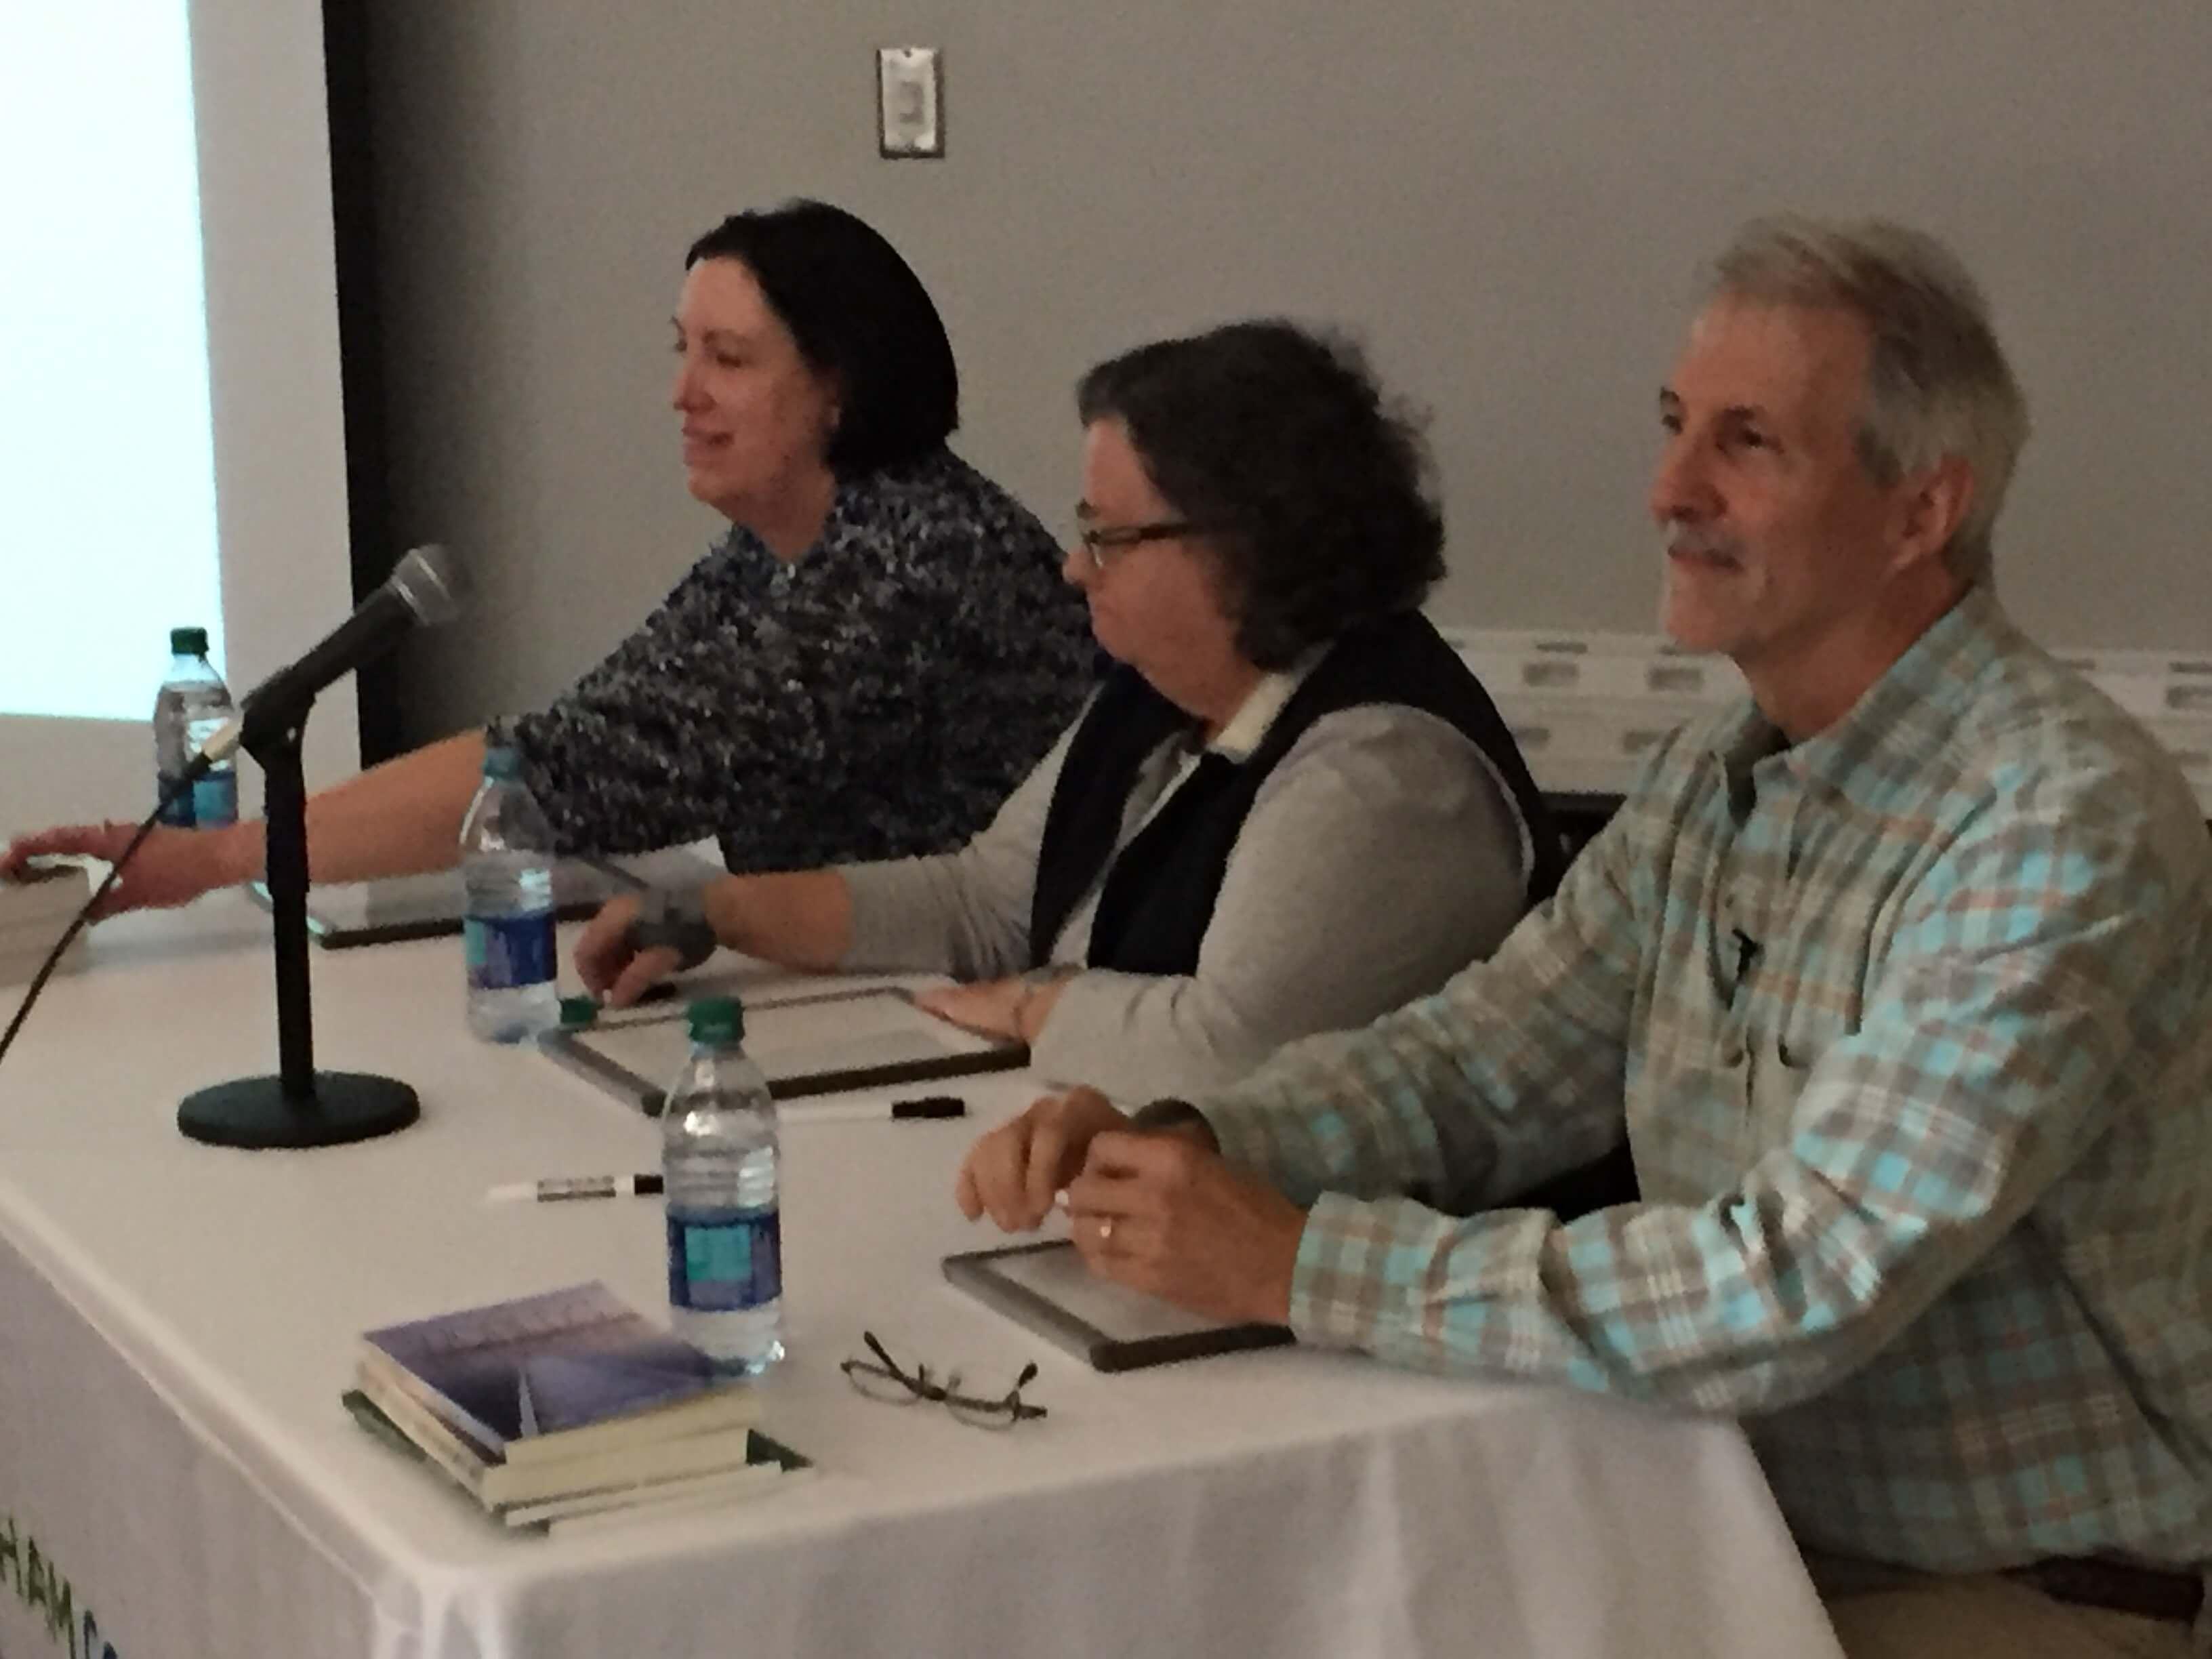 Grammartopia - Durham panelists